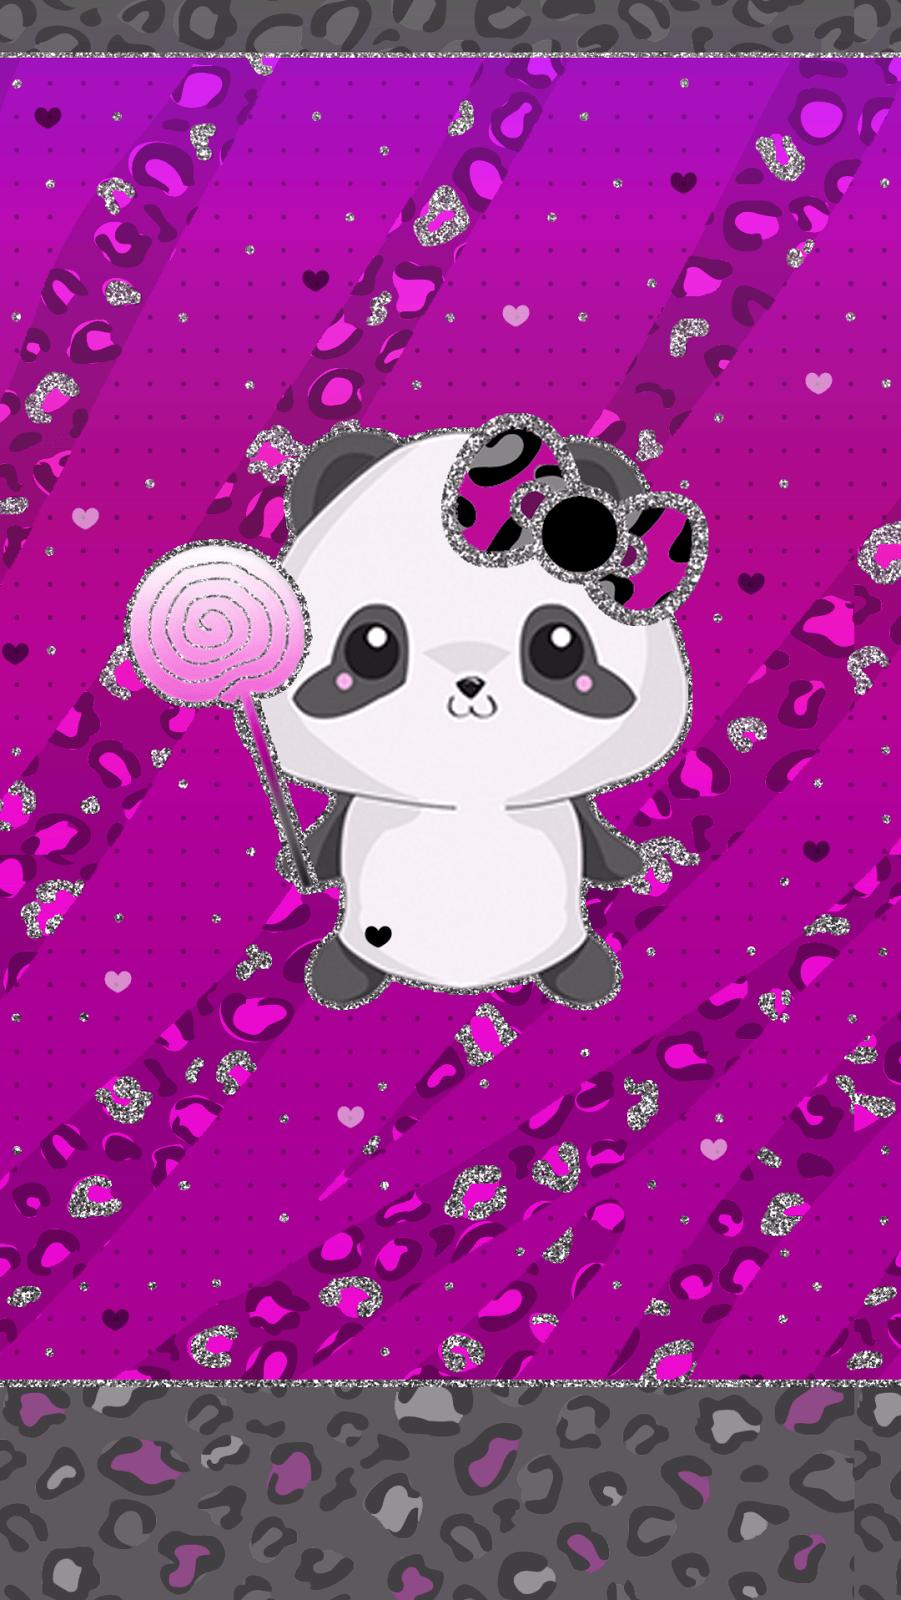 Cute Purple Panda Wallpapers Wallpaper Cave